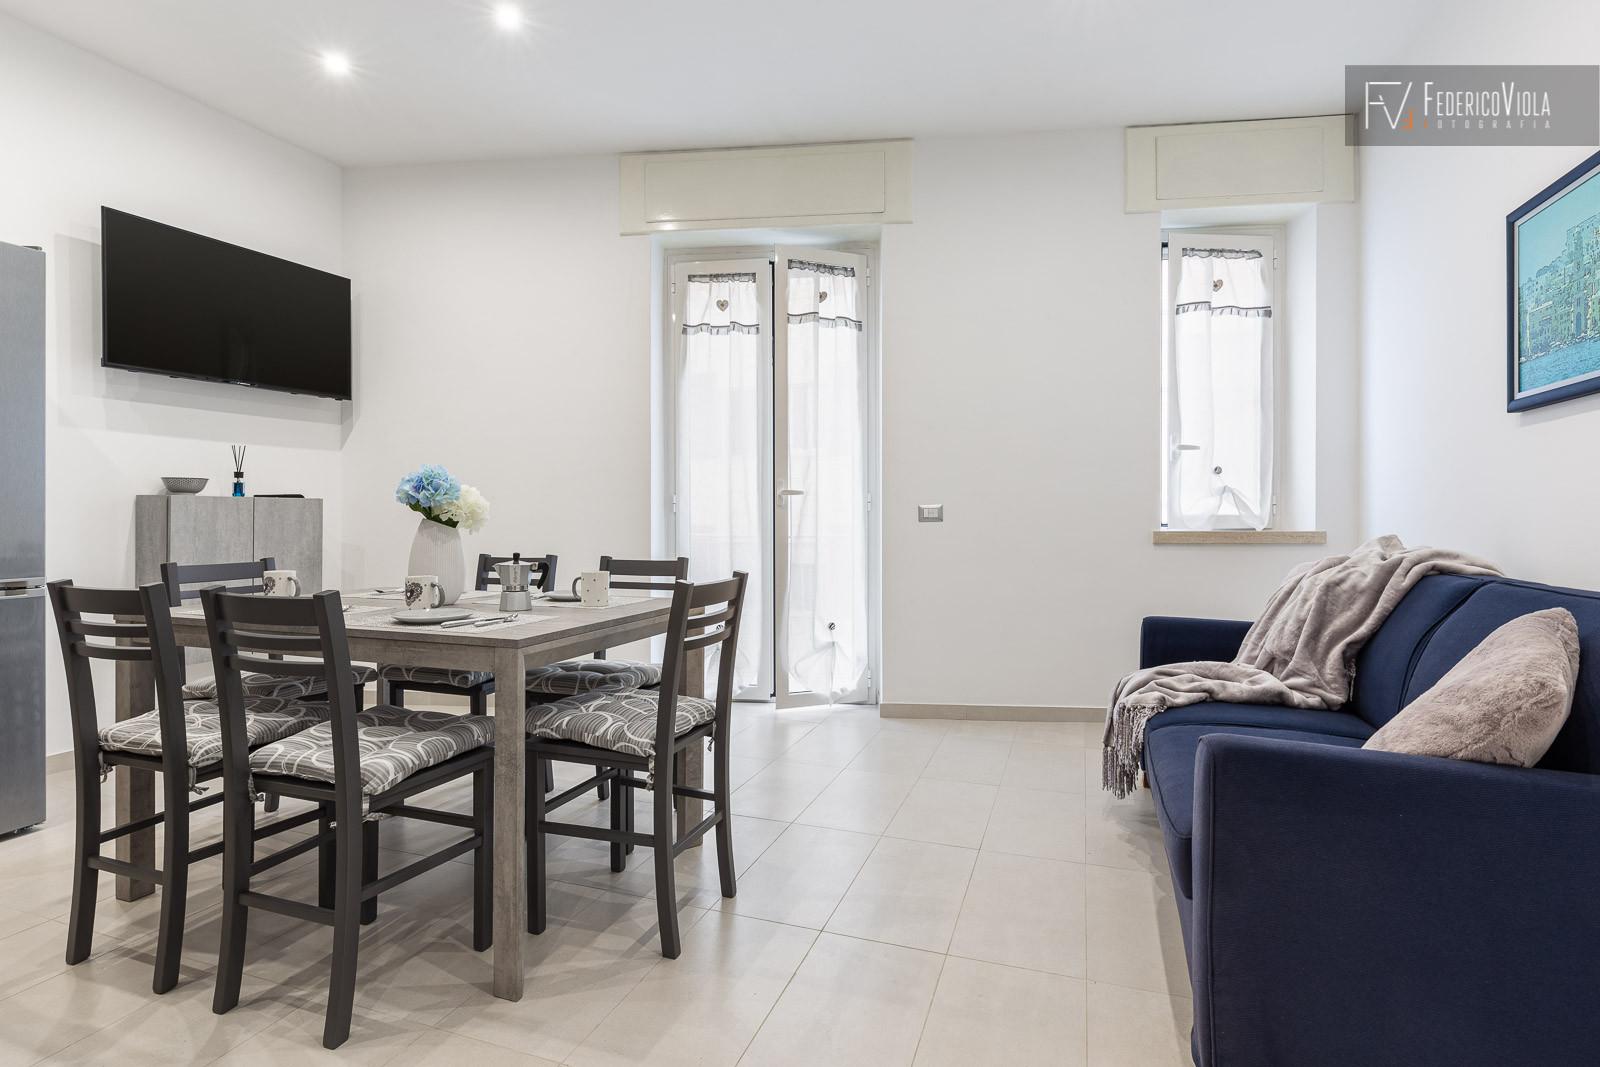 Foto-appartamento-mv-in-affitto-Gaeta-5.